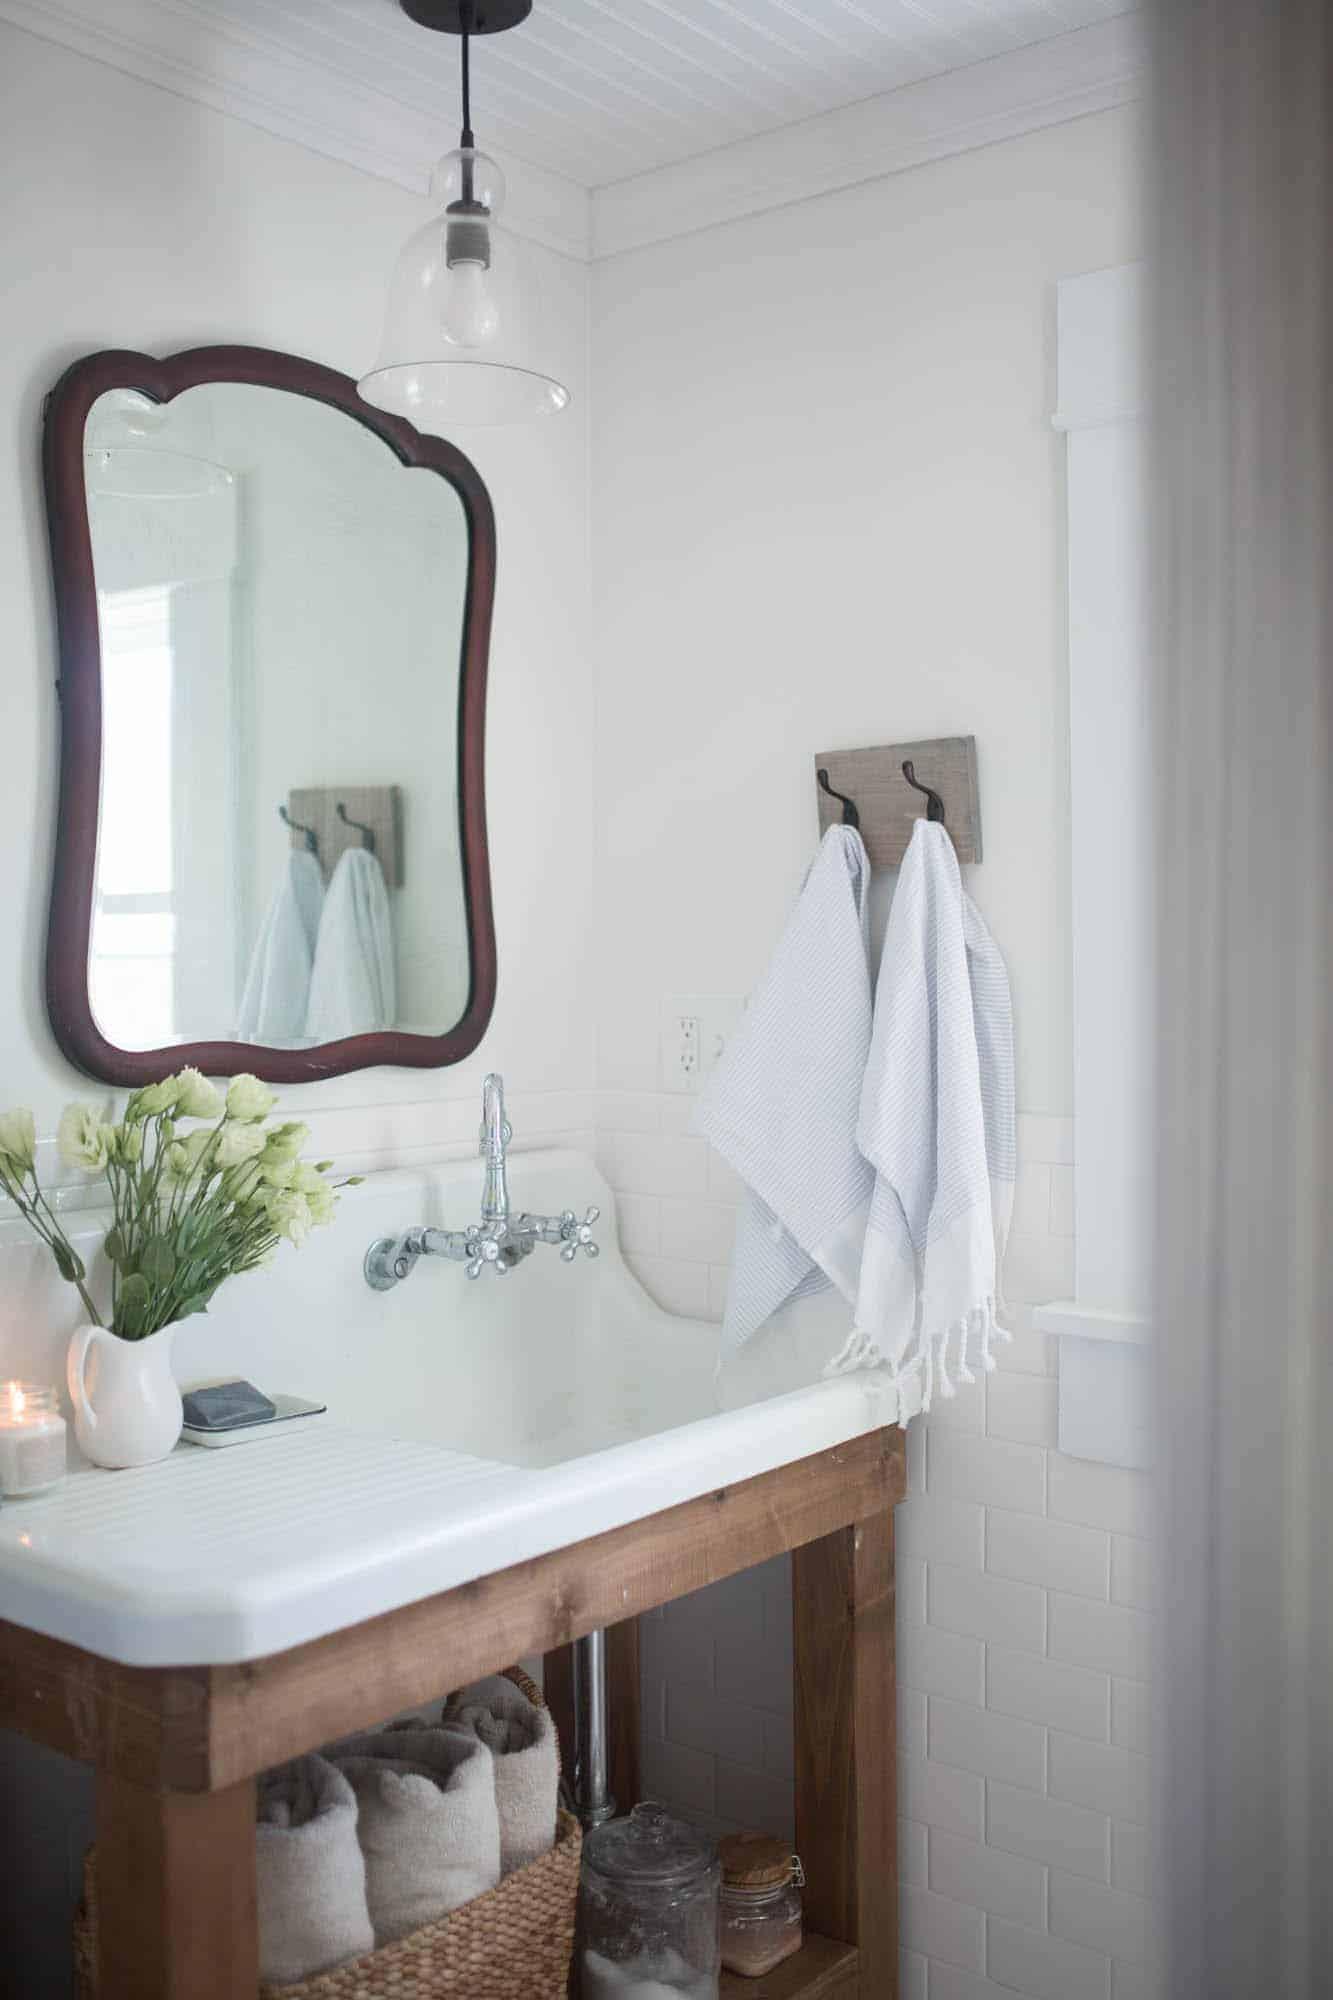 Farmhouse Bathroom Decor - Farmhouse on Boone on Farmhouse Bathroom  id=24188